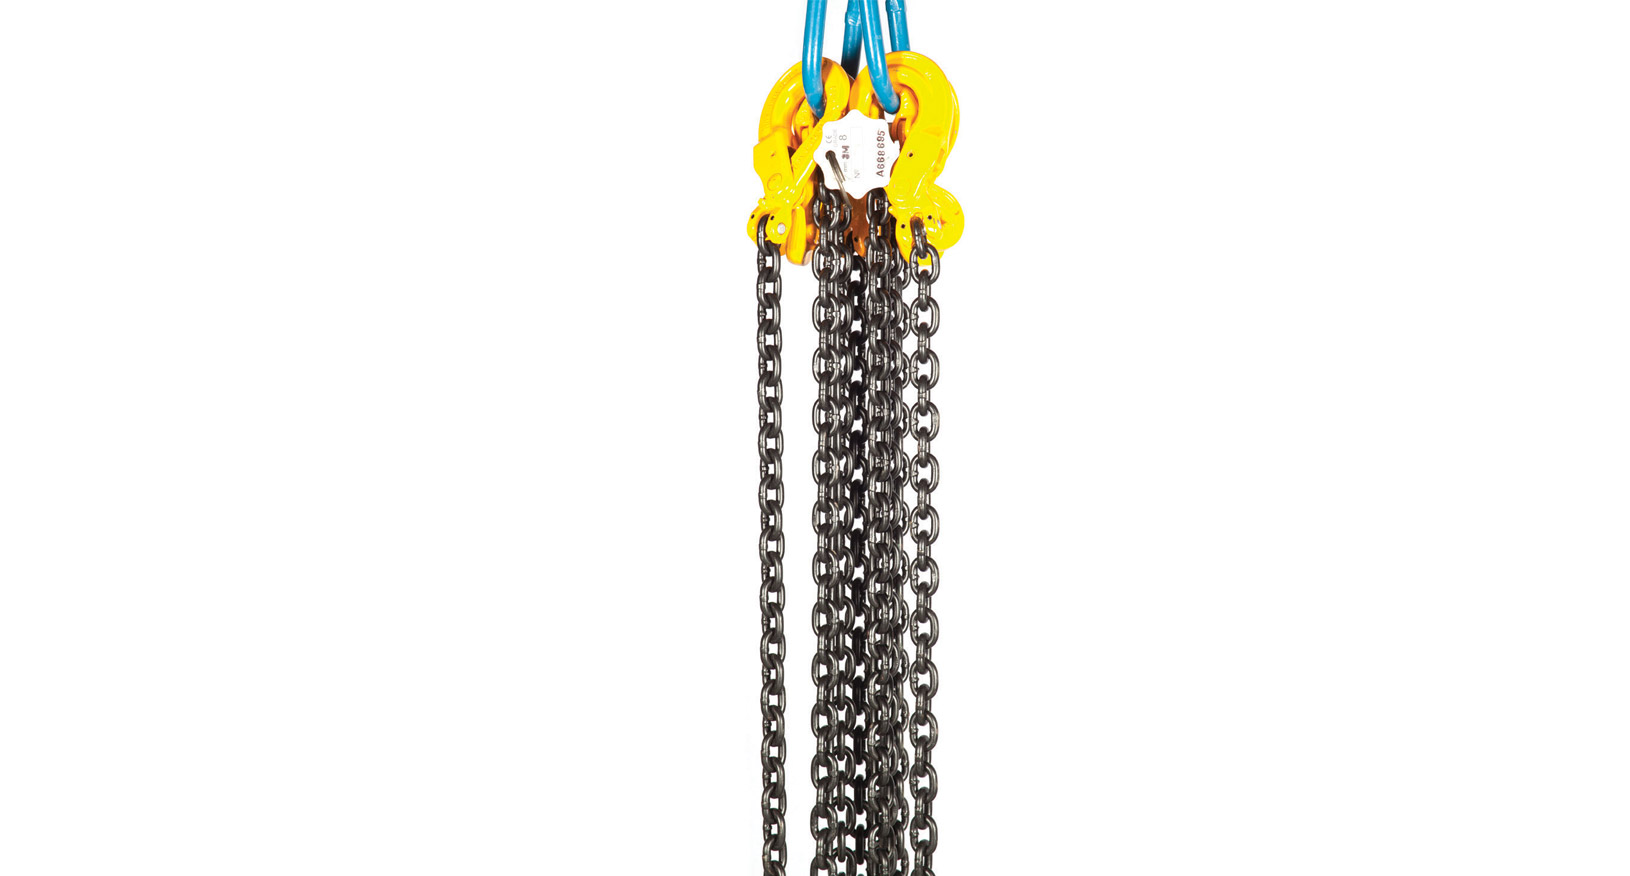 2.1T 7mm 2 Leg Chain 0-3M